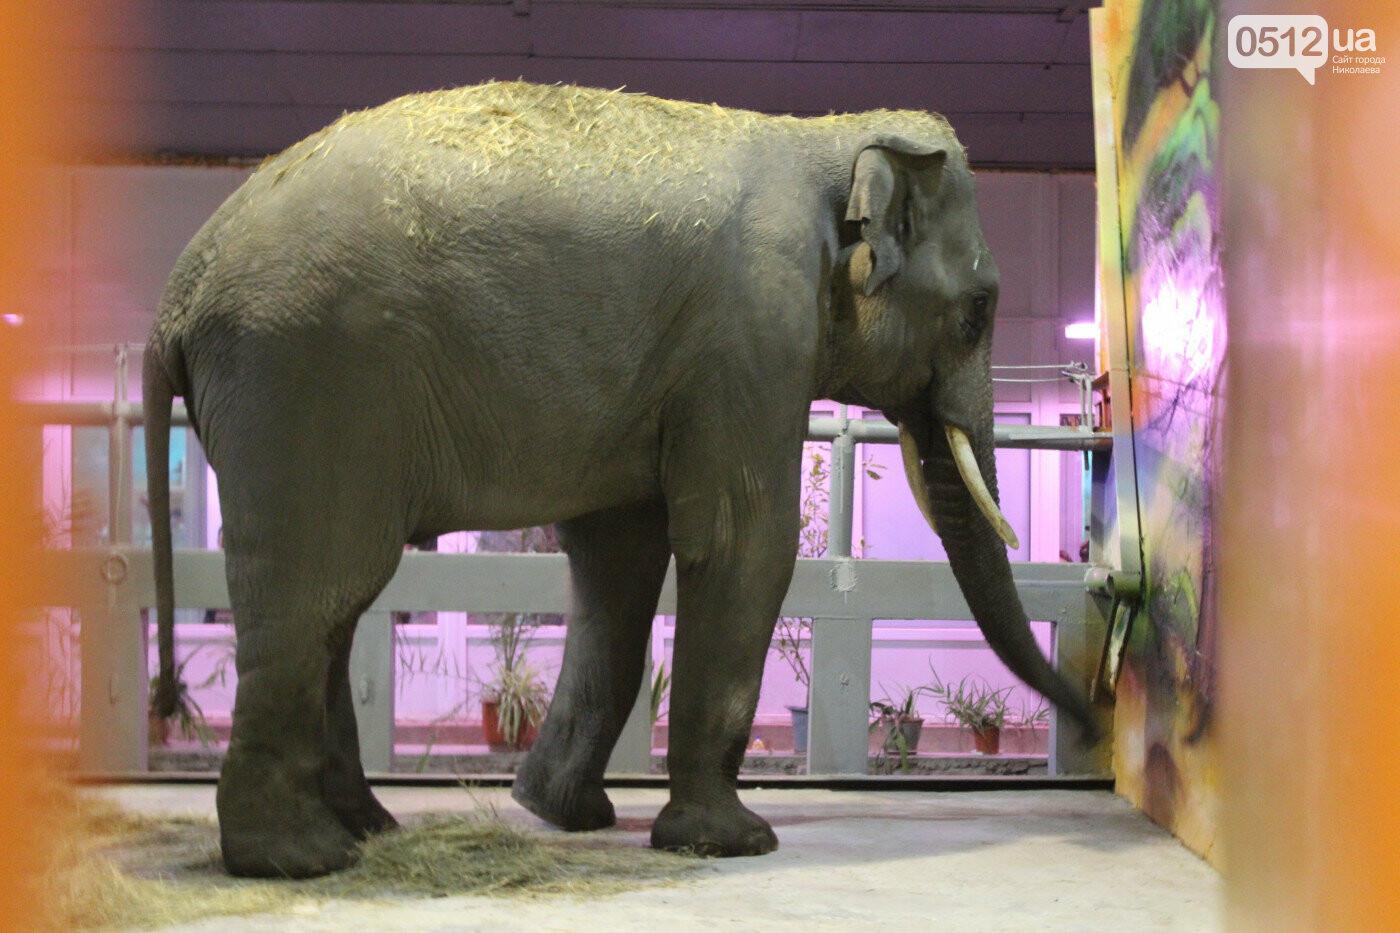 Жирафы ссорятся, а слоны играют: в Николаевском зоопарке рассказали о новичках, - ВИДЕО, фото-3